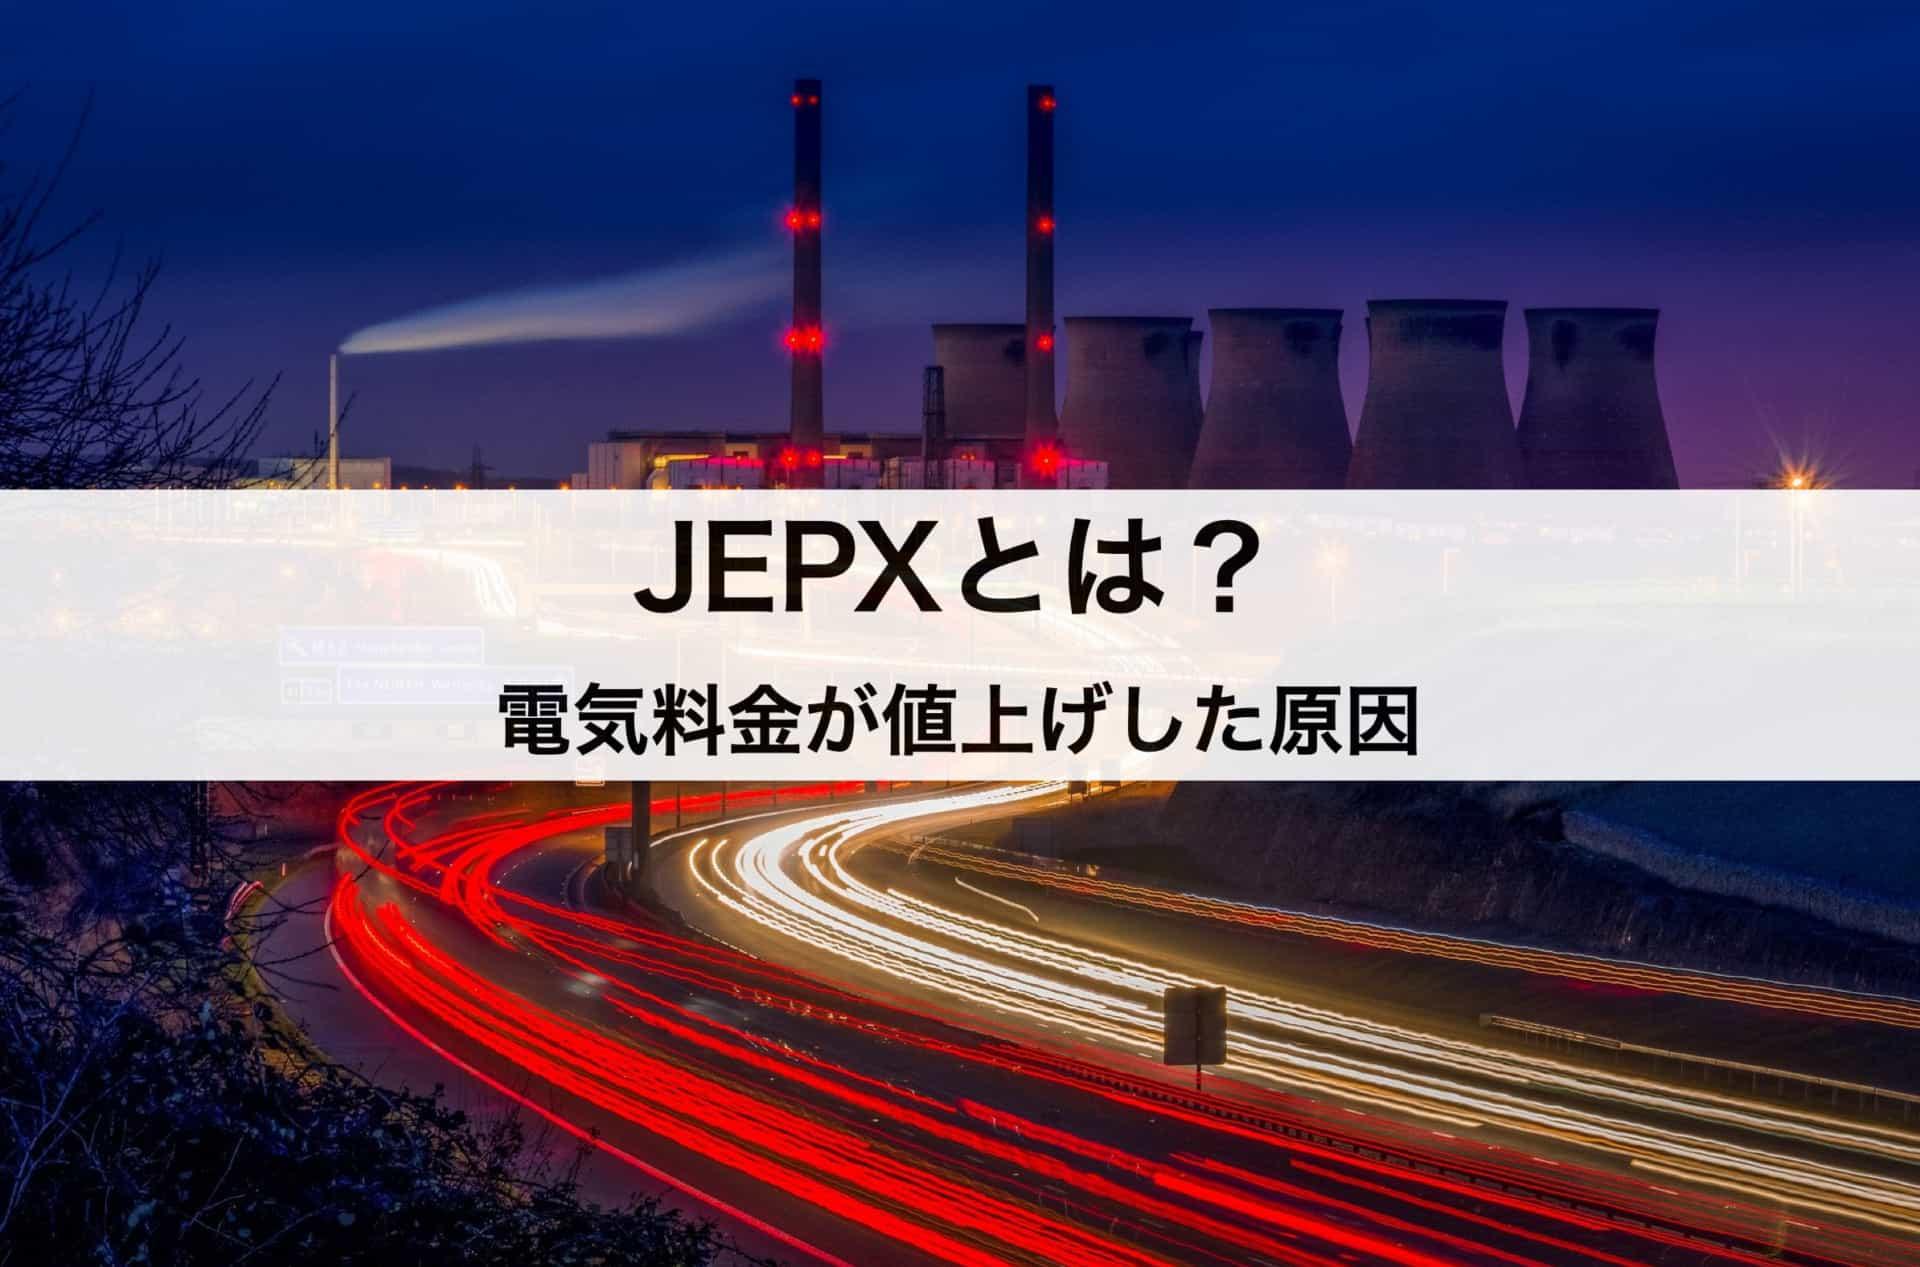 JEPX(日本卸電力取引所)とは?電気料金が値上げした原因をわかりやすく解説します!